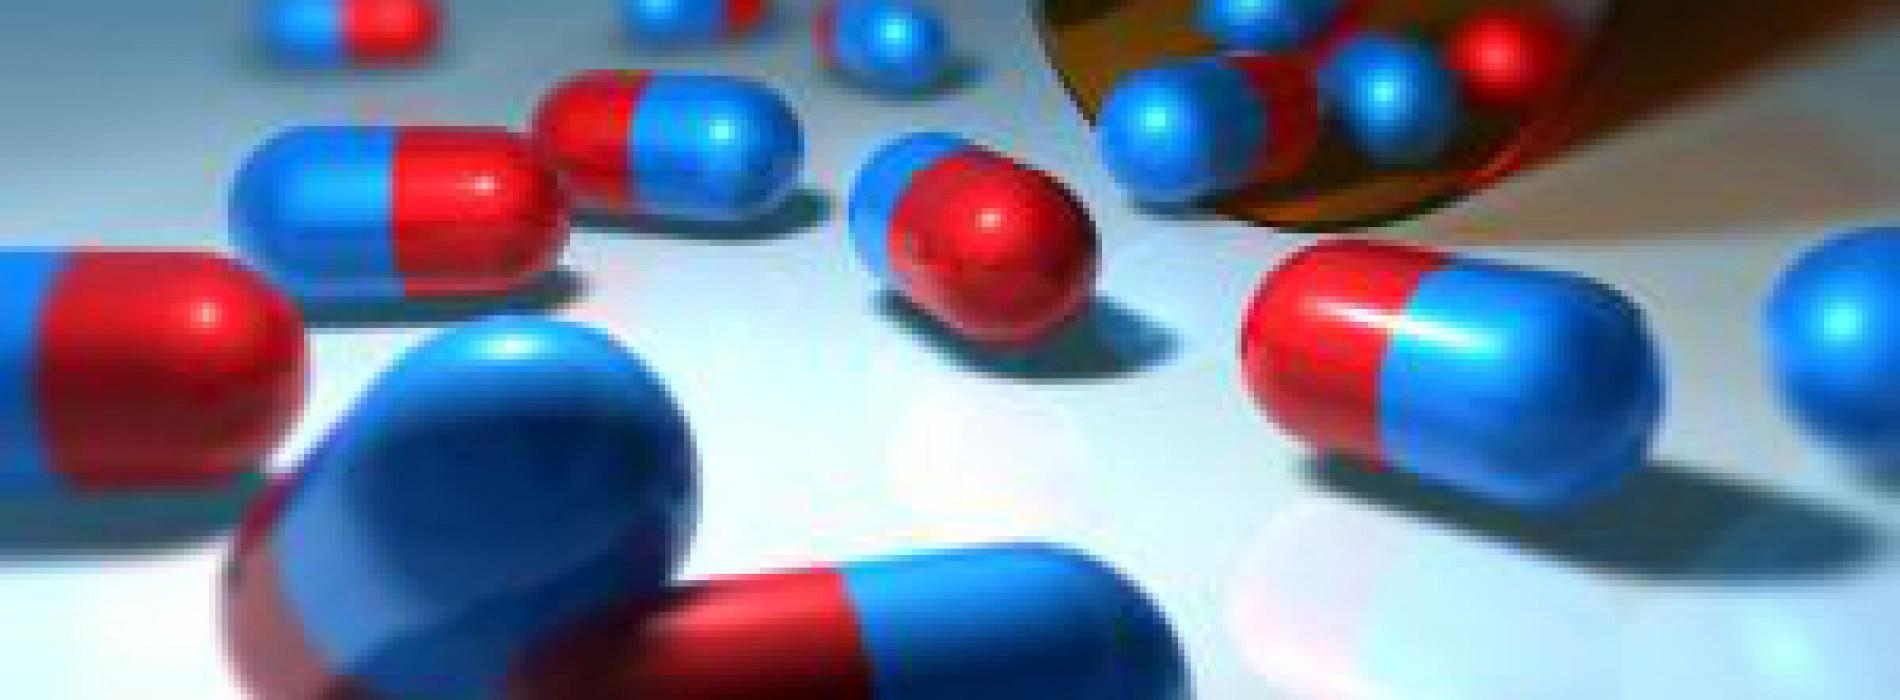 Sześć aptek na Warmii i Mazurach mogło sprzedawać hurtowo leki bez pozwolenia